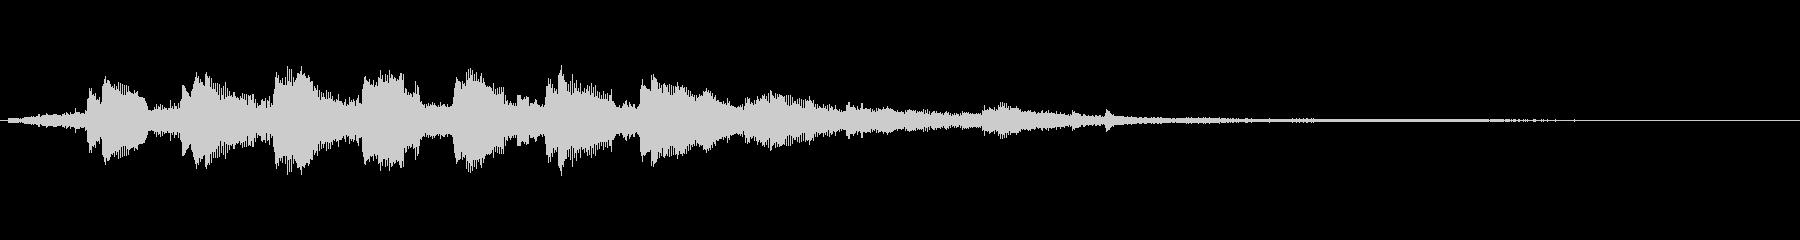 ハープ:アルペジエーテッドシリーズ...の未再生の波形